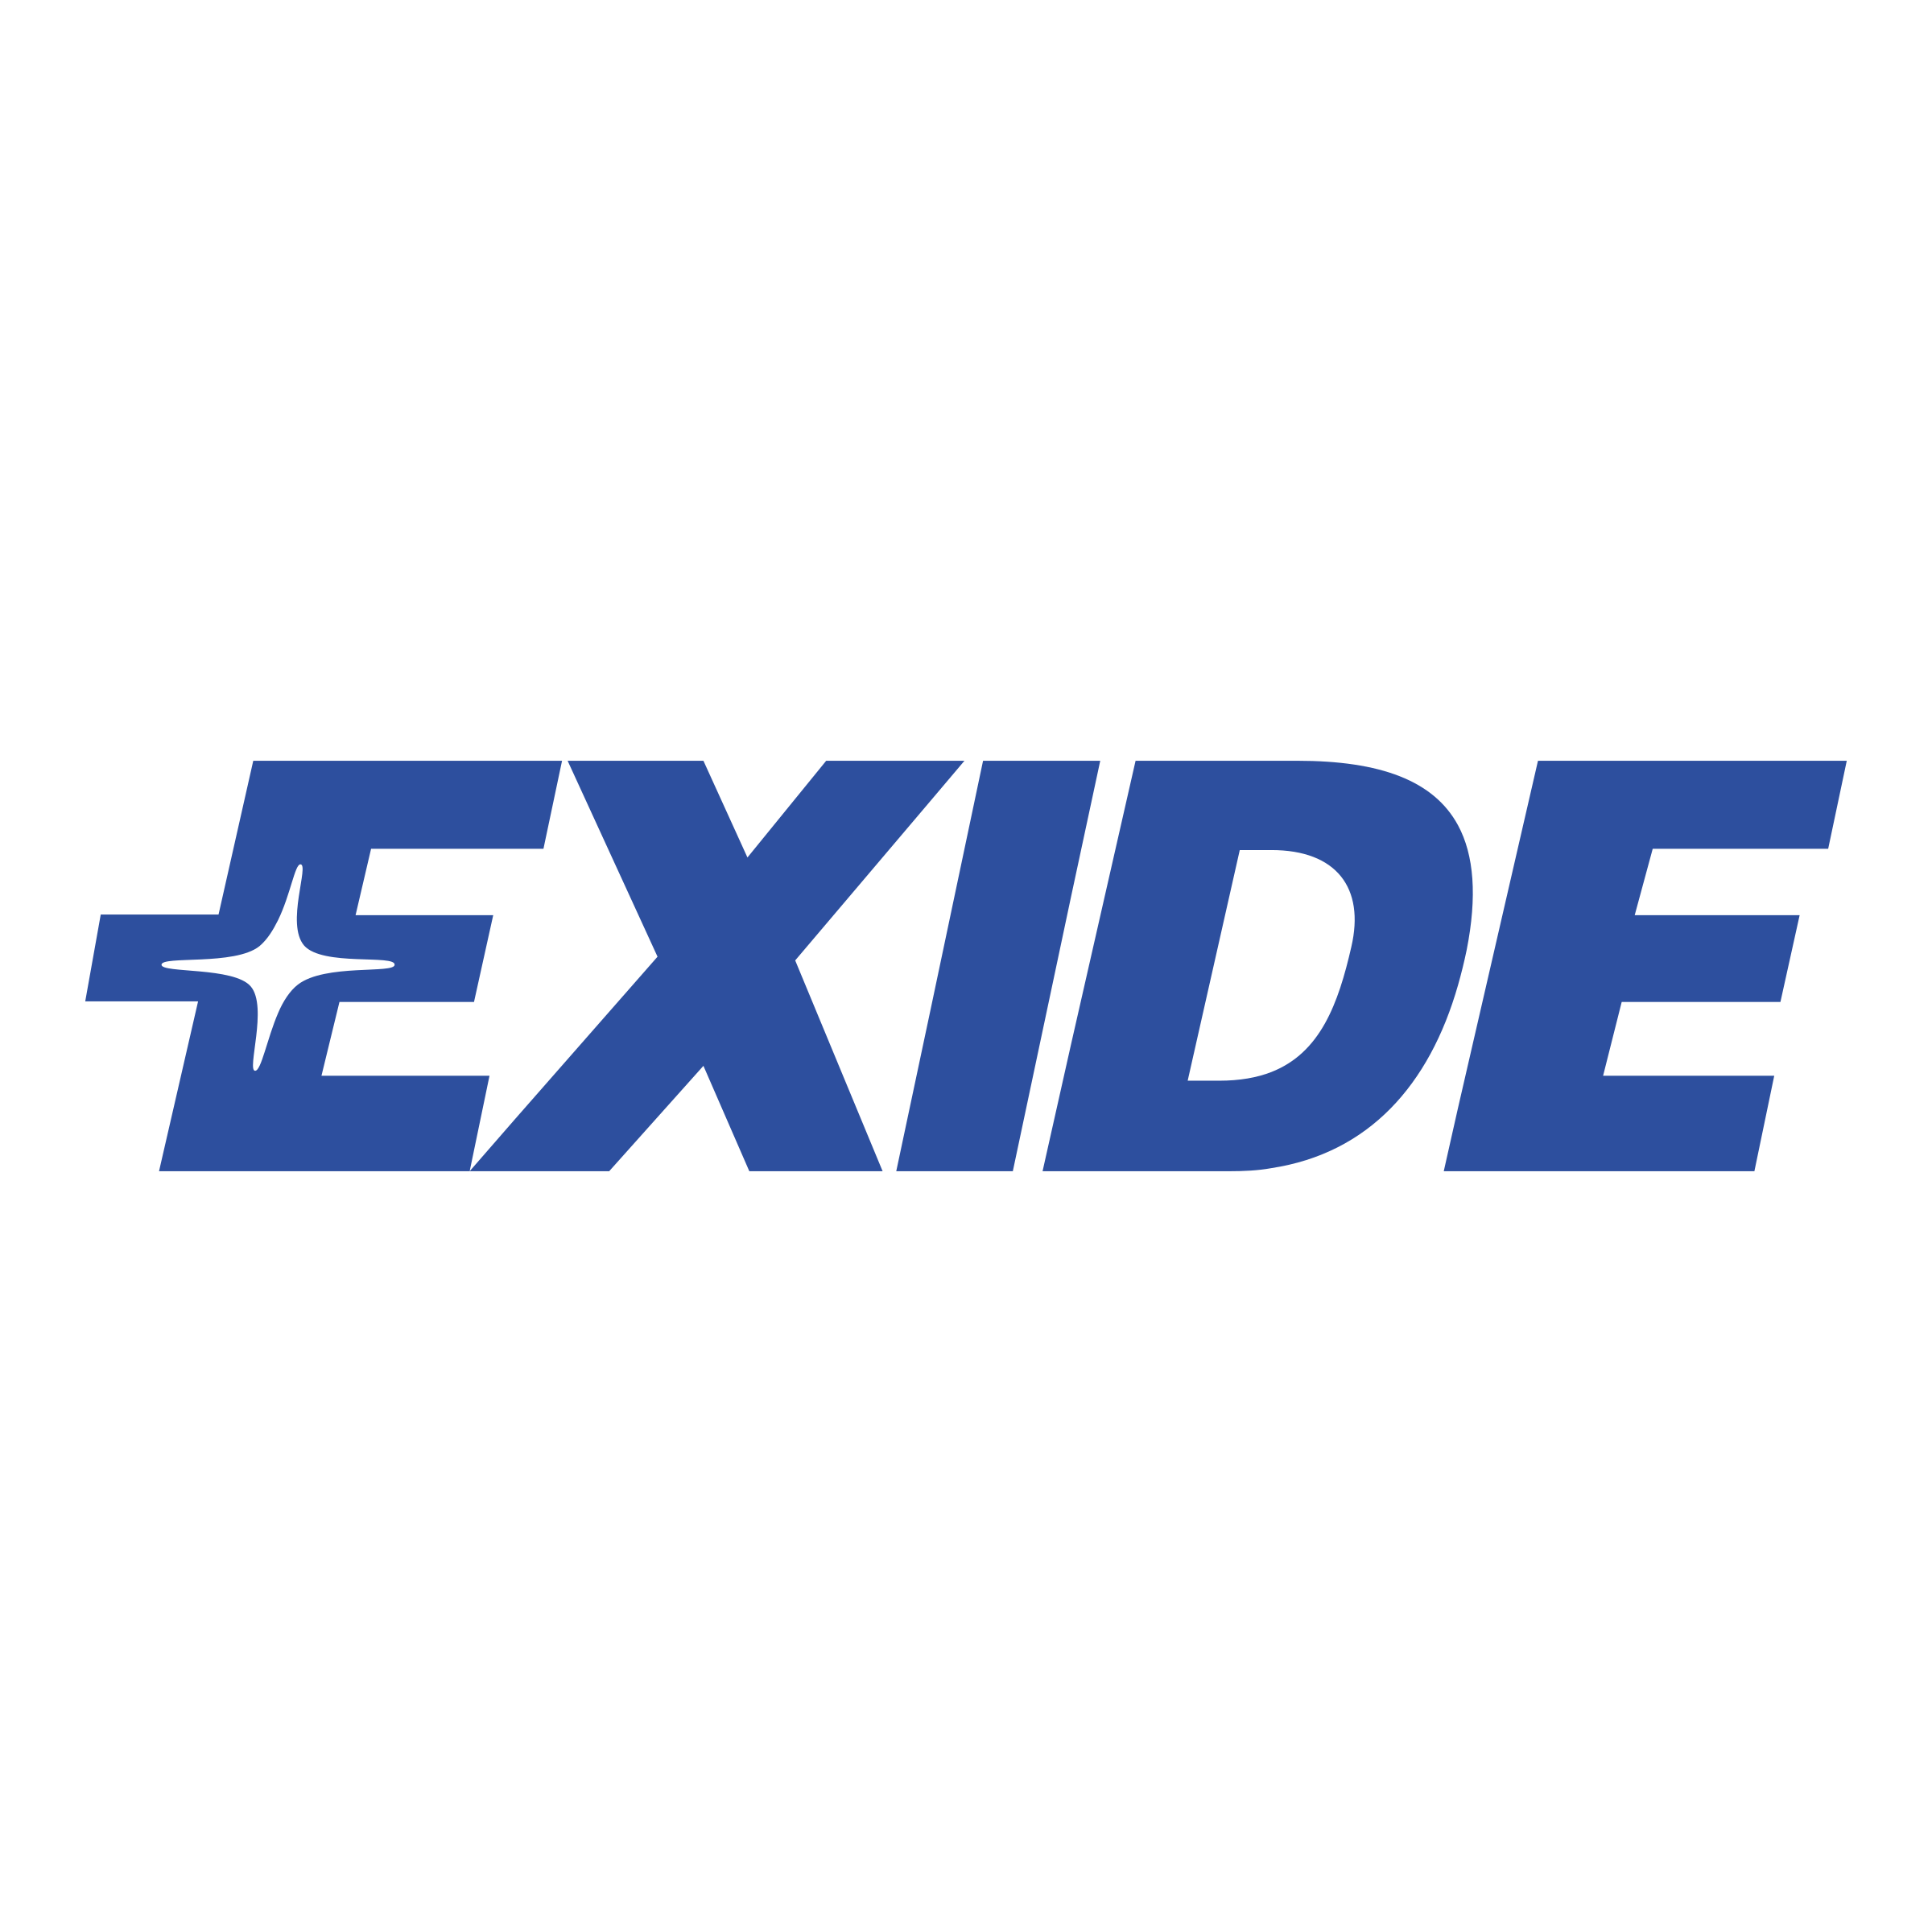 exide-3-logo-png-transparent